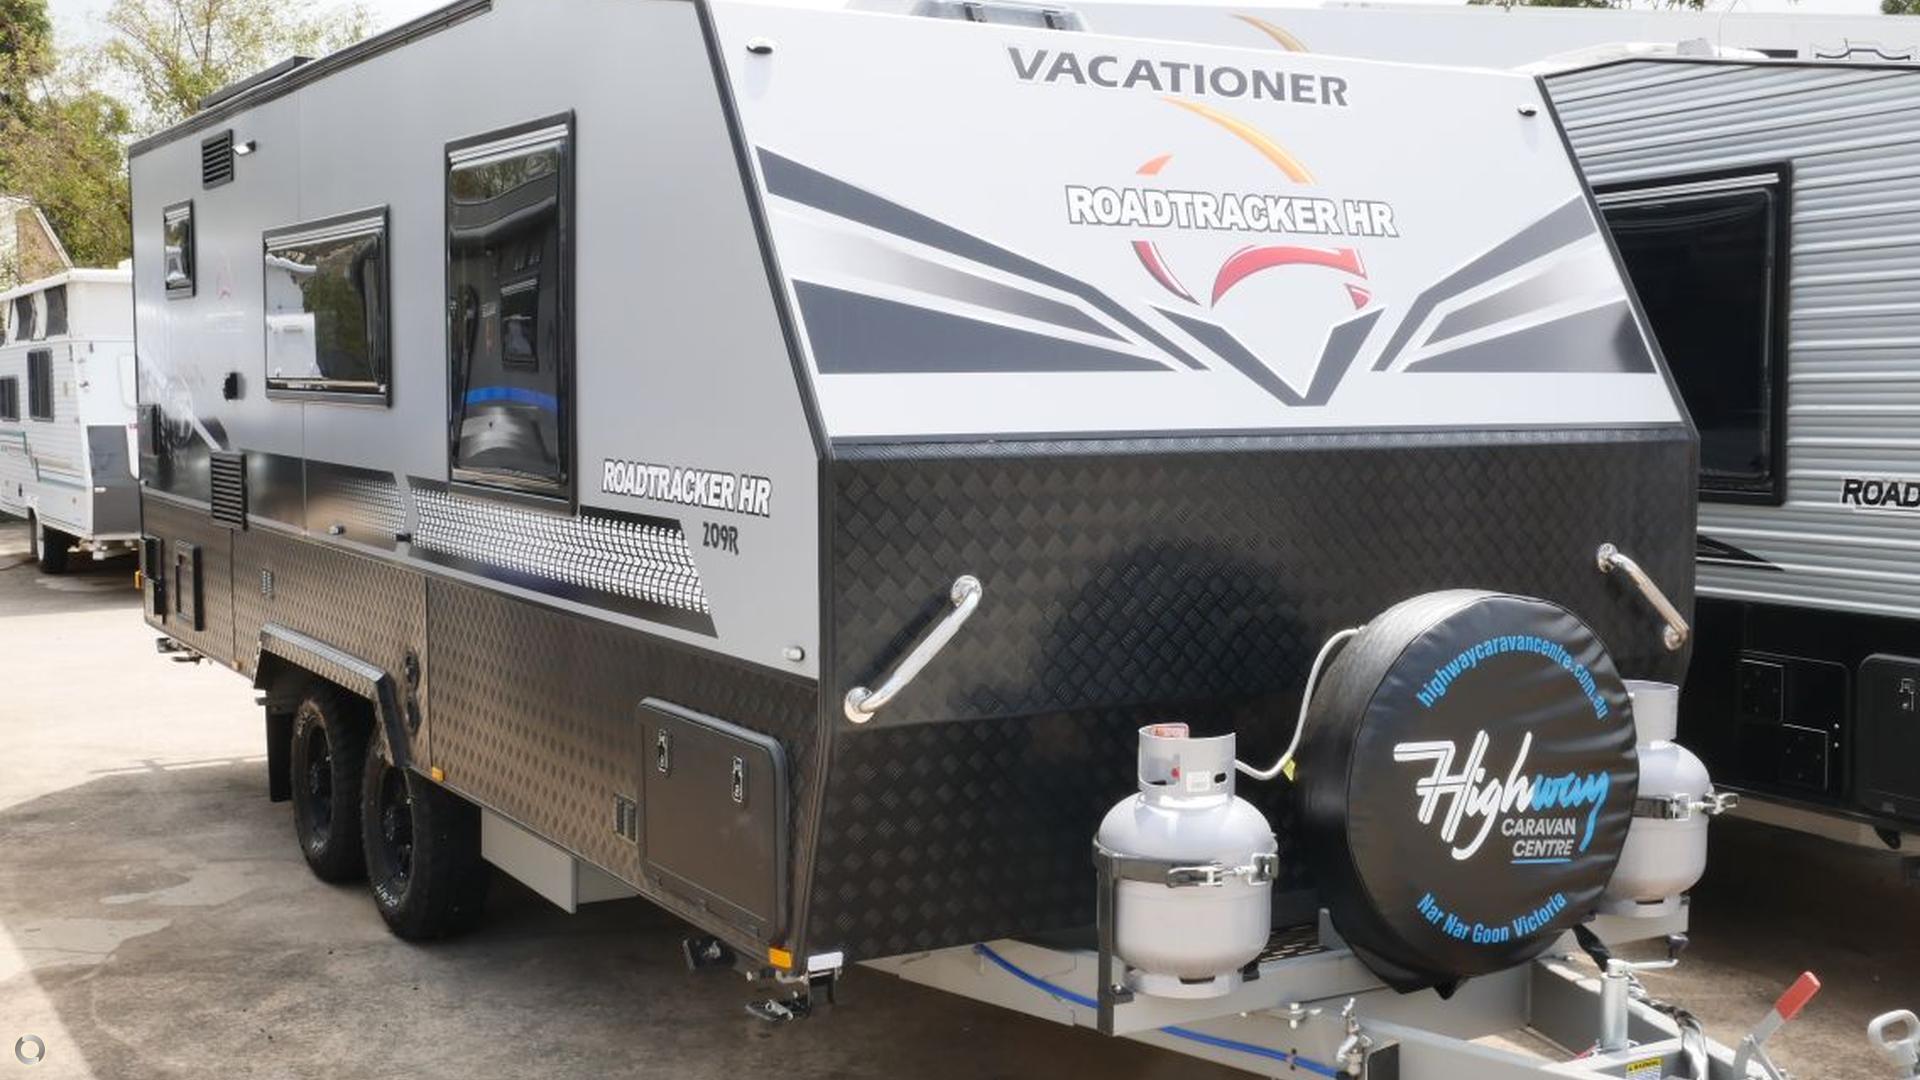 2020 Vacationer Roadtracker HR 209